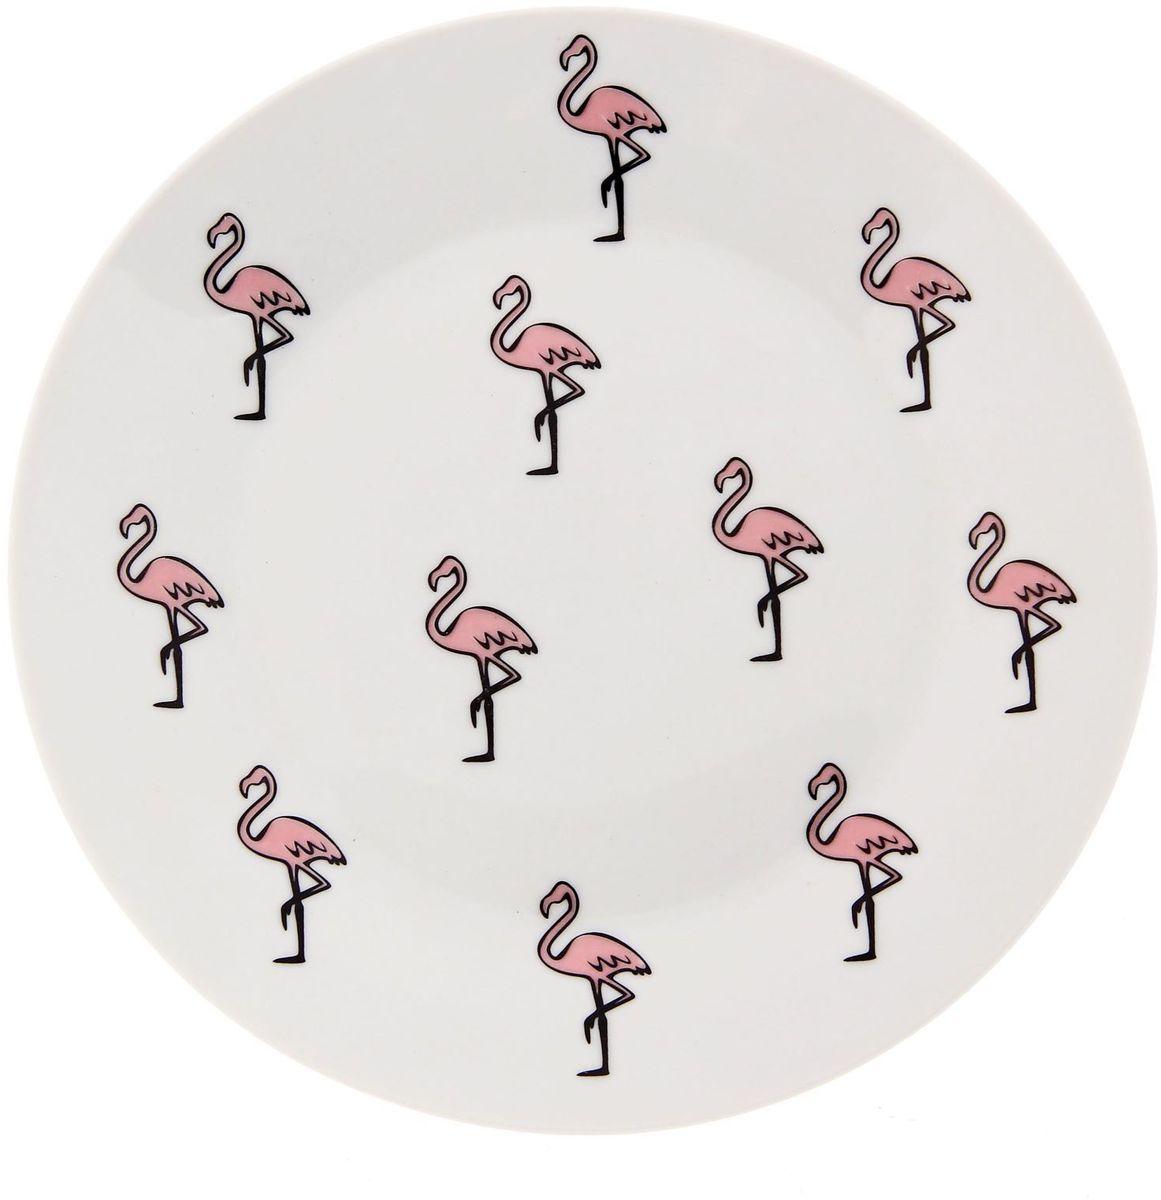 Тарелка мелкая Сотвори чудо Розовый фламинго, диаметр 20 см2277878Хотите обновить интерьер кухни или гостиной? Устраиваете необычную фотосессию или тематический праздник? А может, просто ищете подарок для близкого человека? Посуда Сотвори Чудо — правильный выбор в любой ситуации. Тарелка Сотвори Чудо, изготовленная из изящного фаянса нежного сливочного цвета, оформлена оригинальным рисунком со стойкой краской. Пригодна для посудомоечной машины.